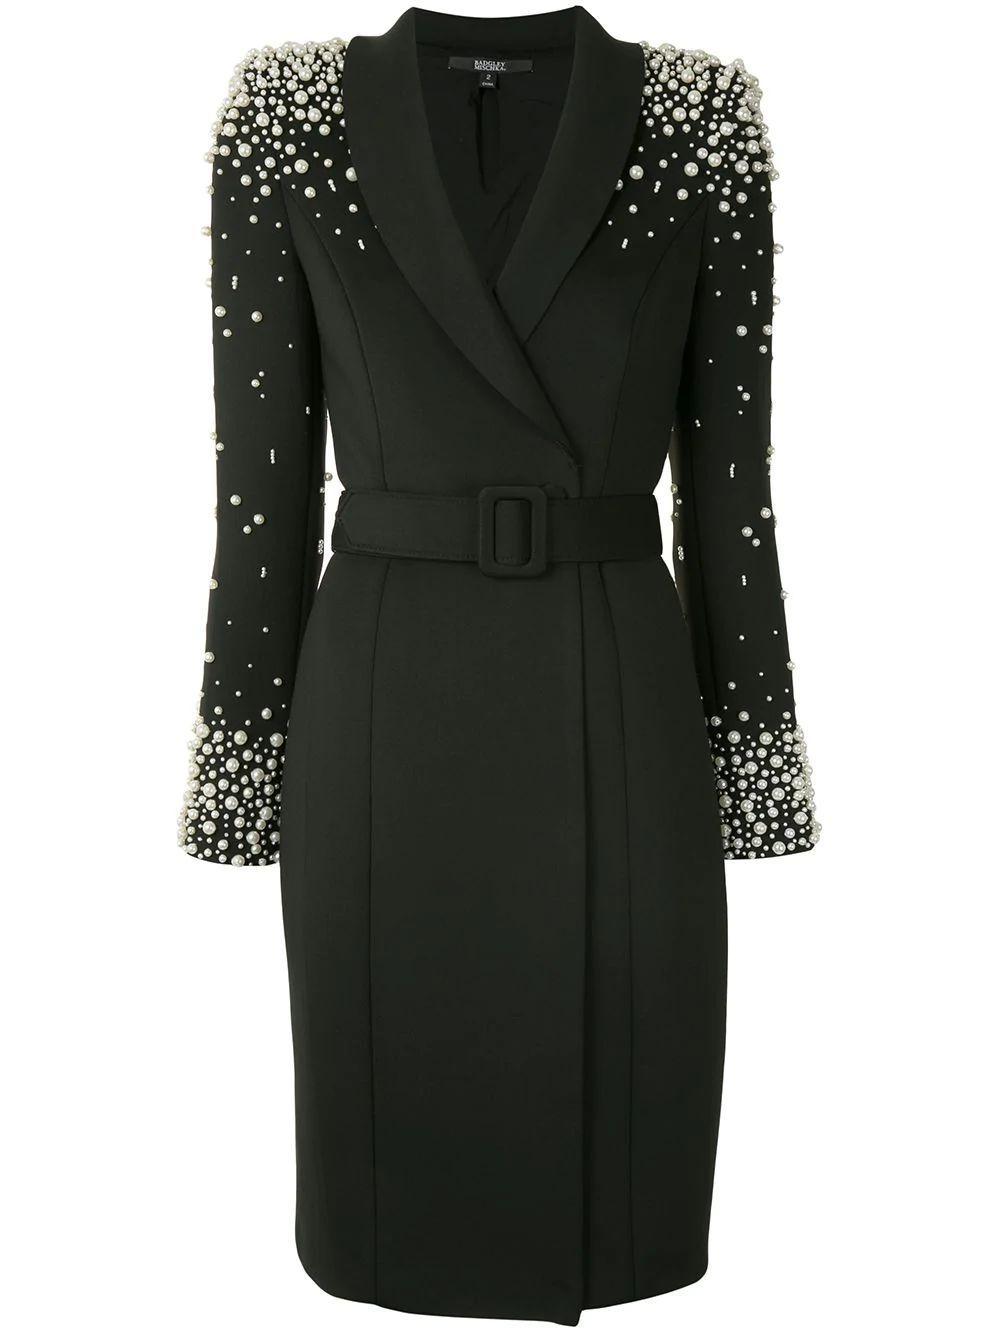 Pearl Embellished Blazer Dress